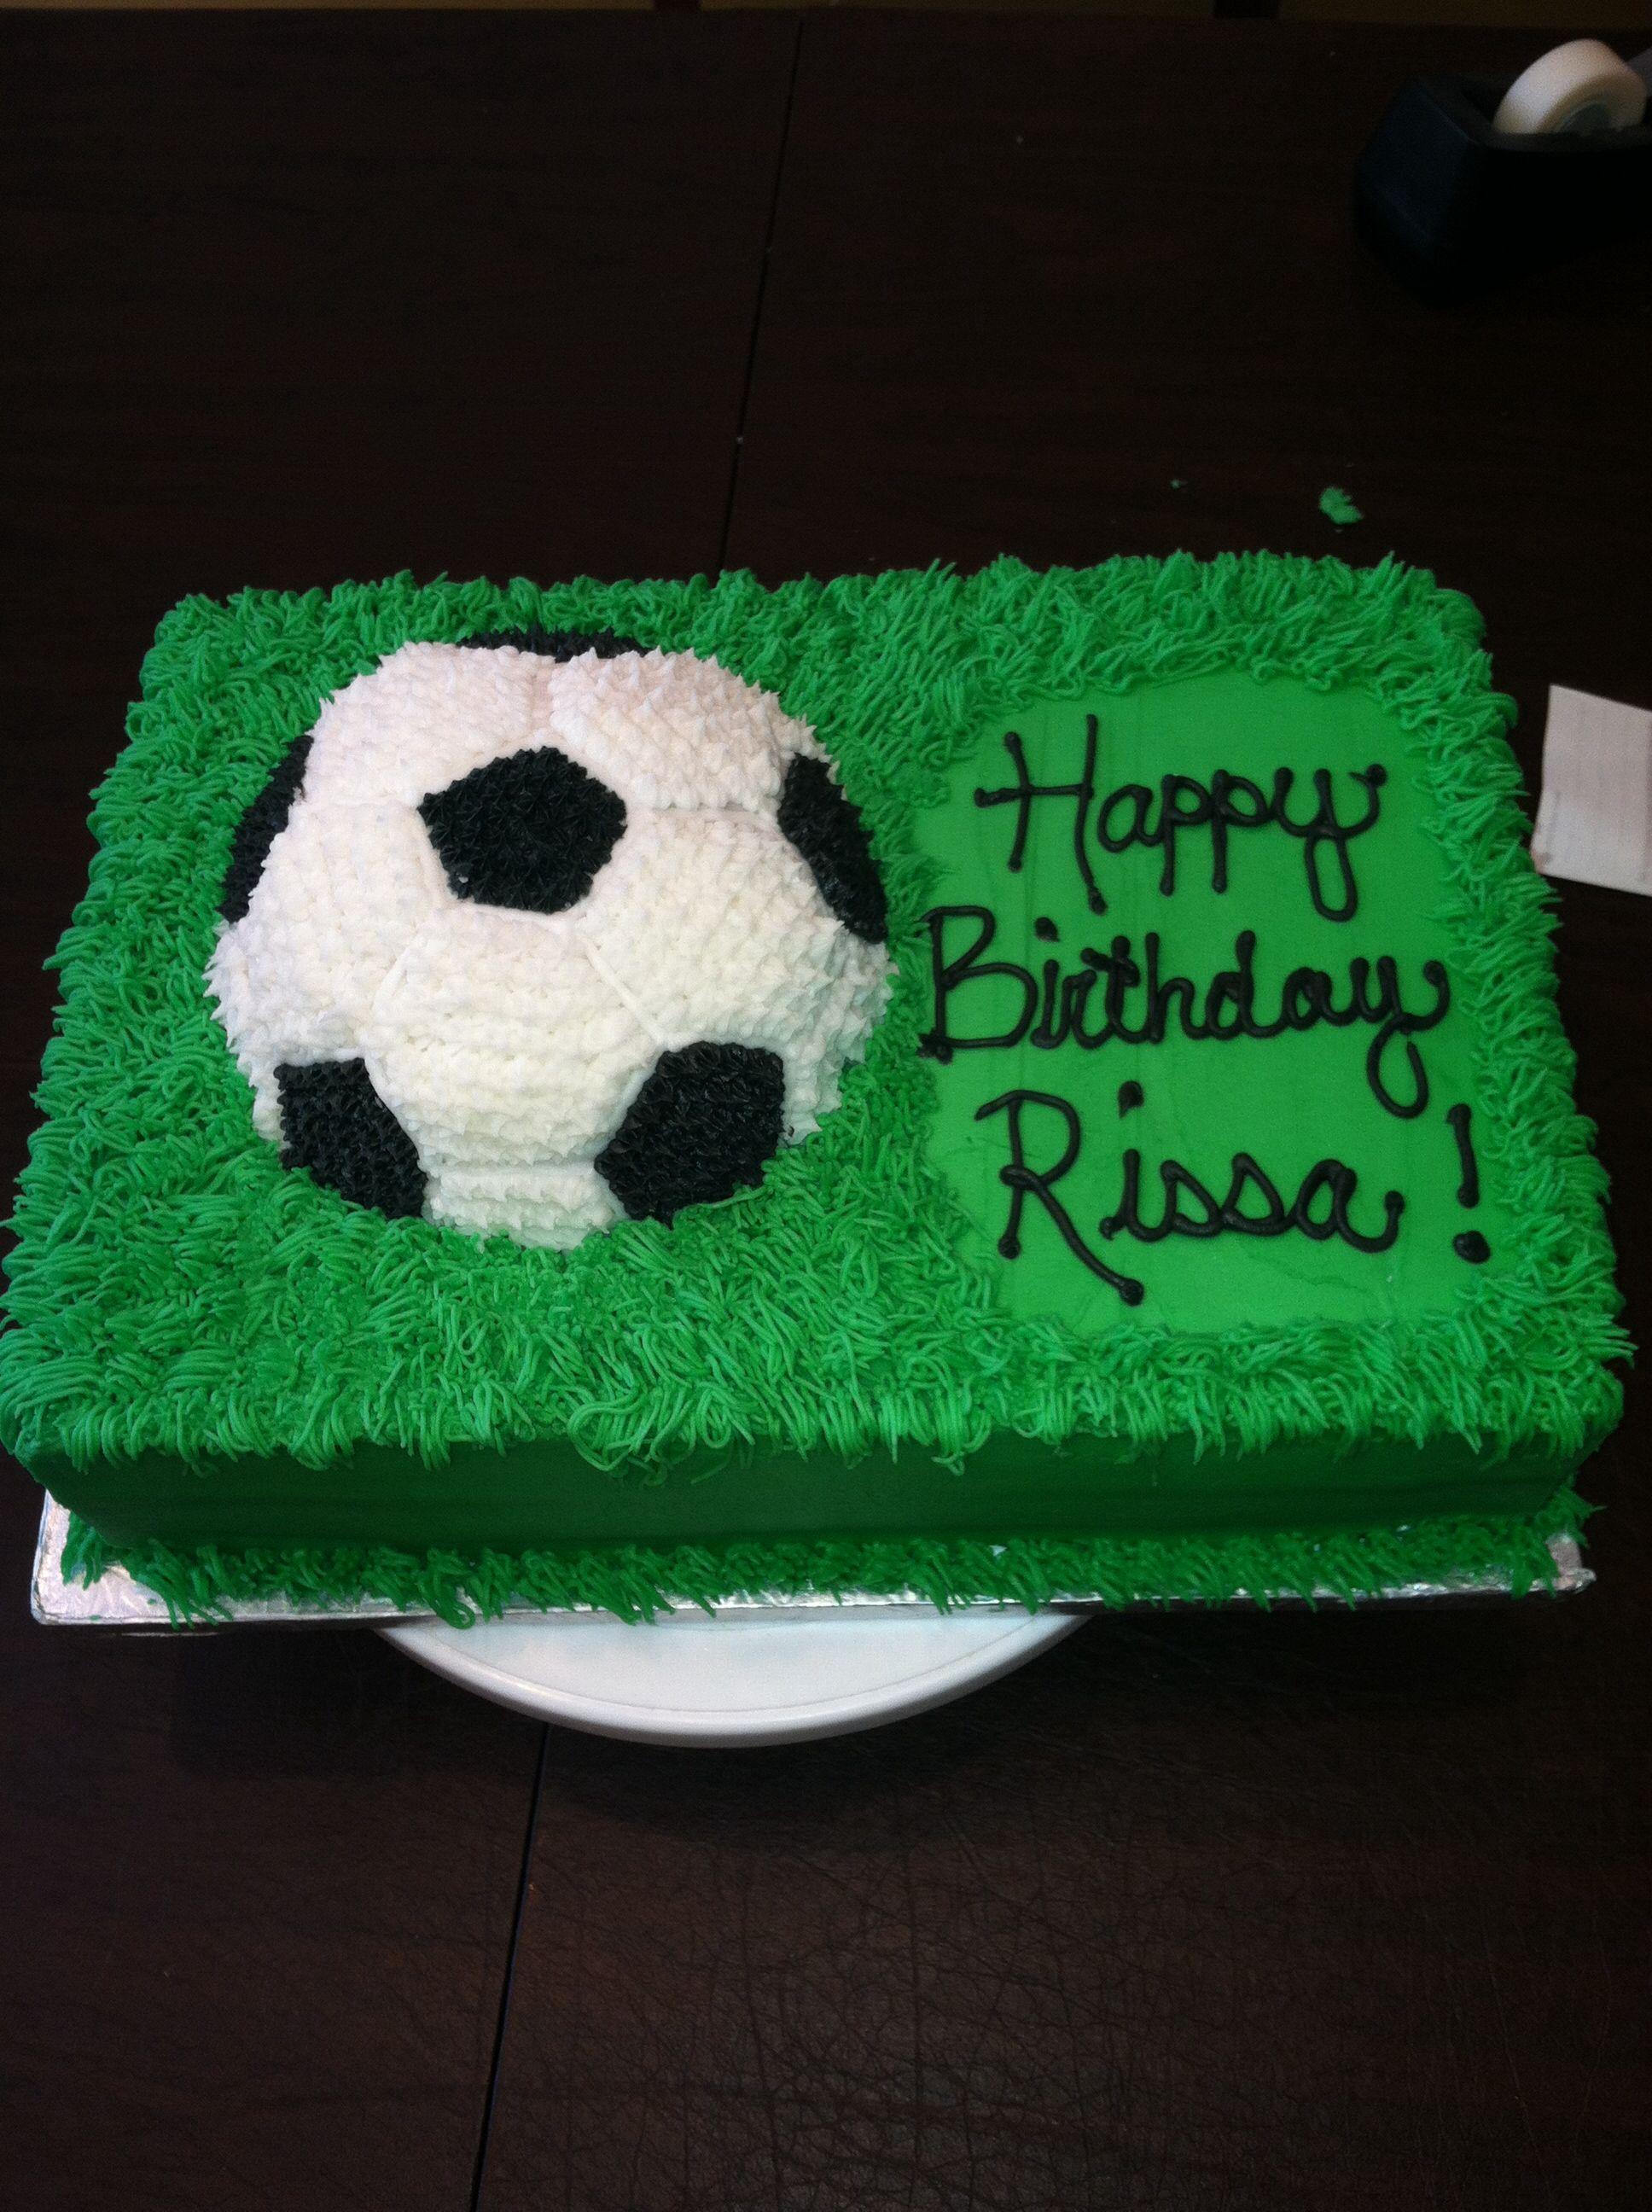 Soccer Ball Cake Decoracao De Bolo Bolos De Aniversario